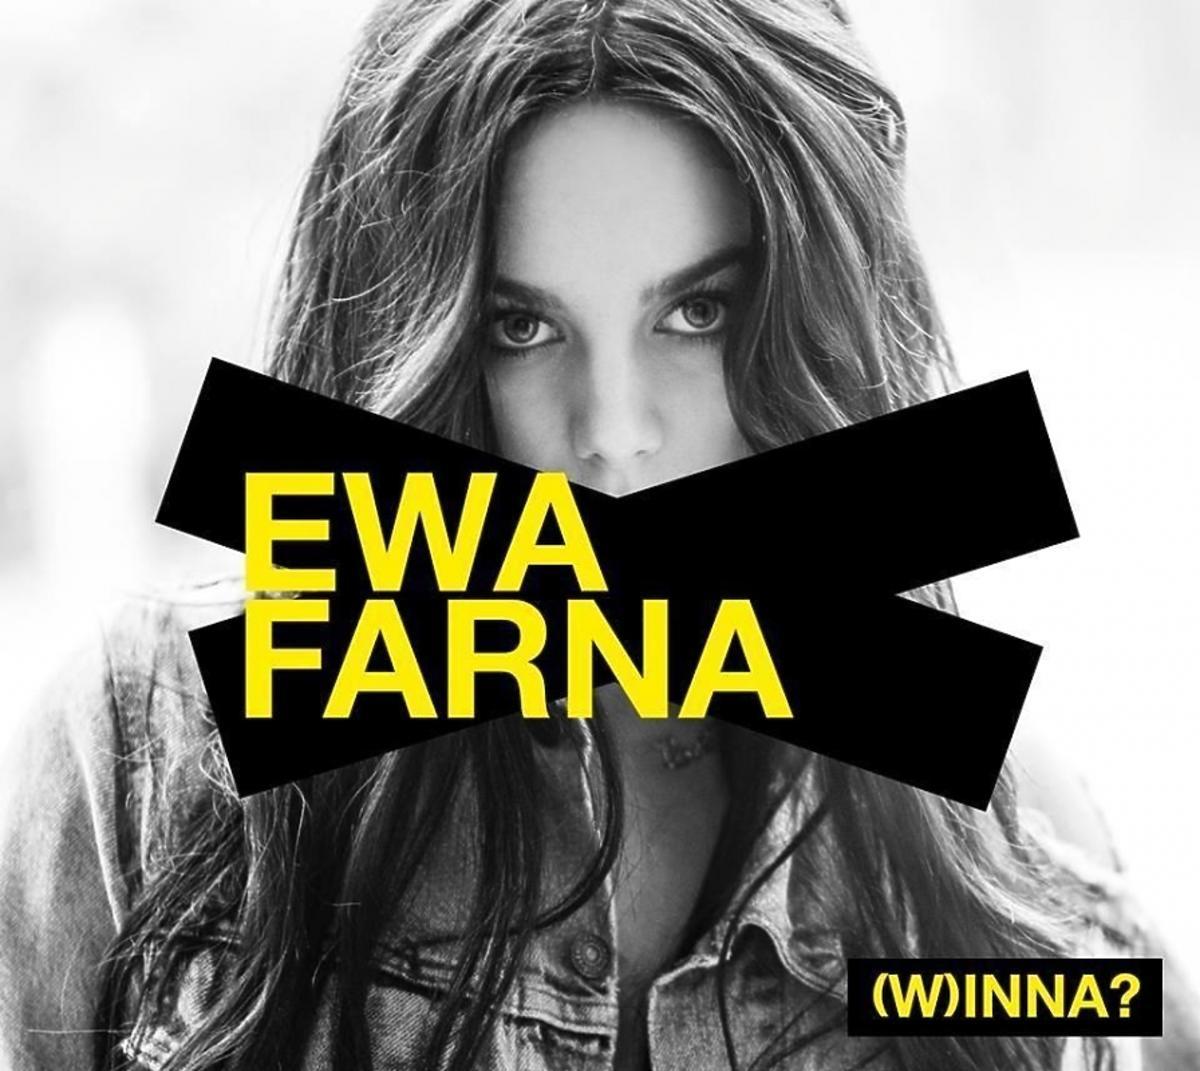 Okładka płyty Ewy Farnej